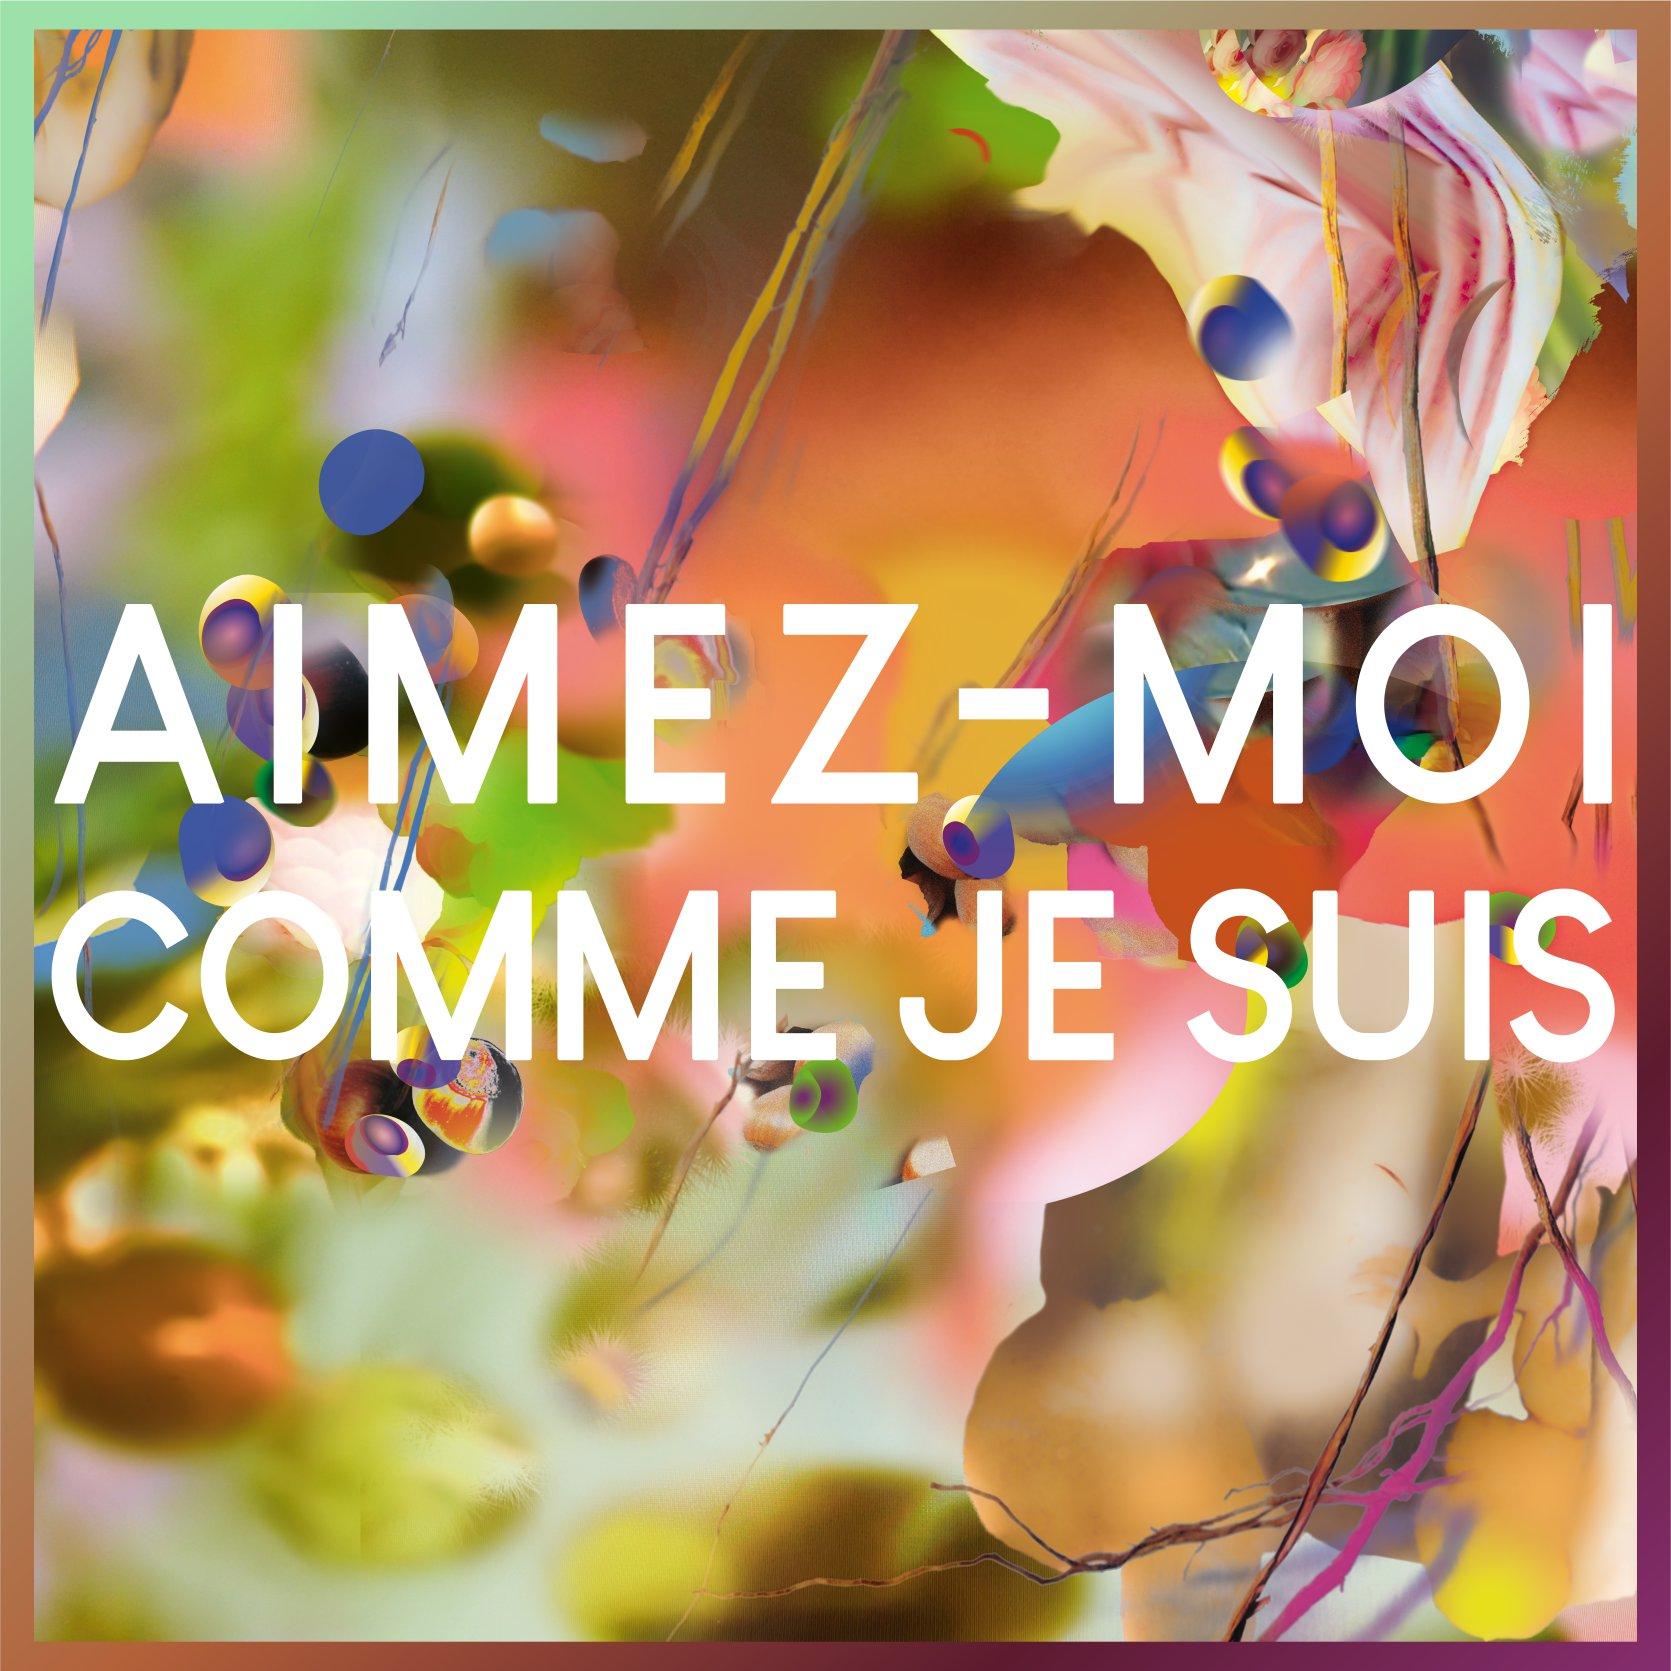 Aimez-Moi Comme Je Suis Caron ad image